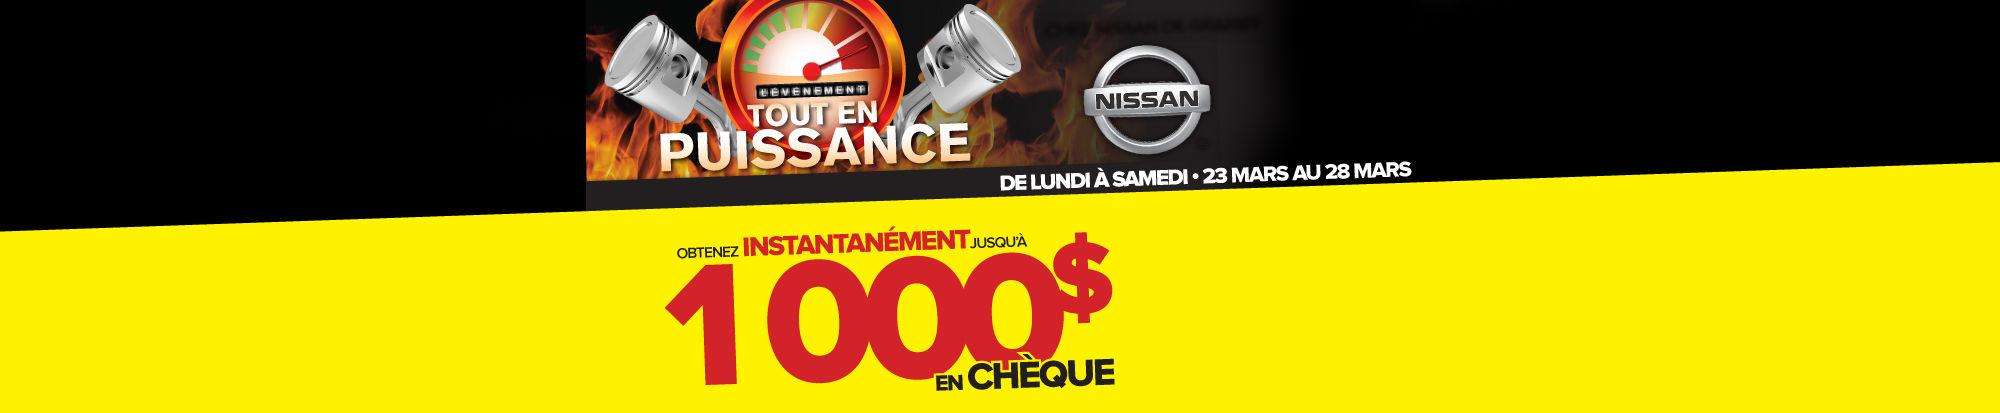 Nissan événement en puissance